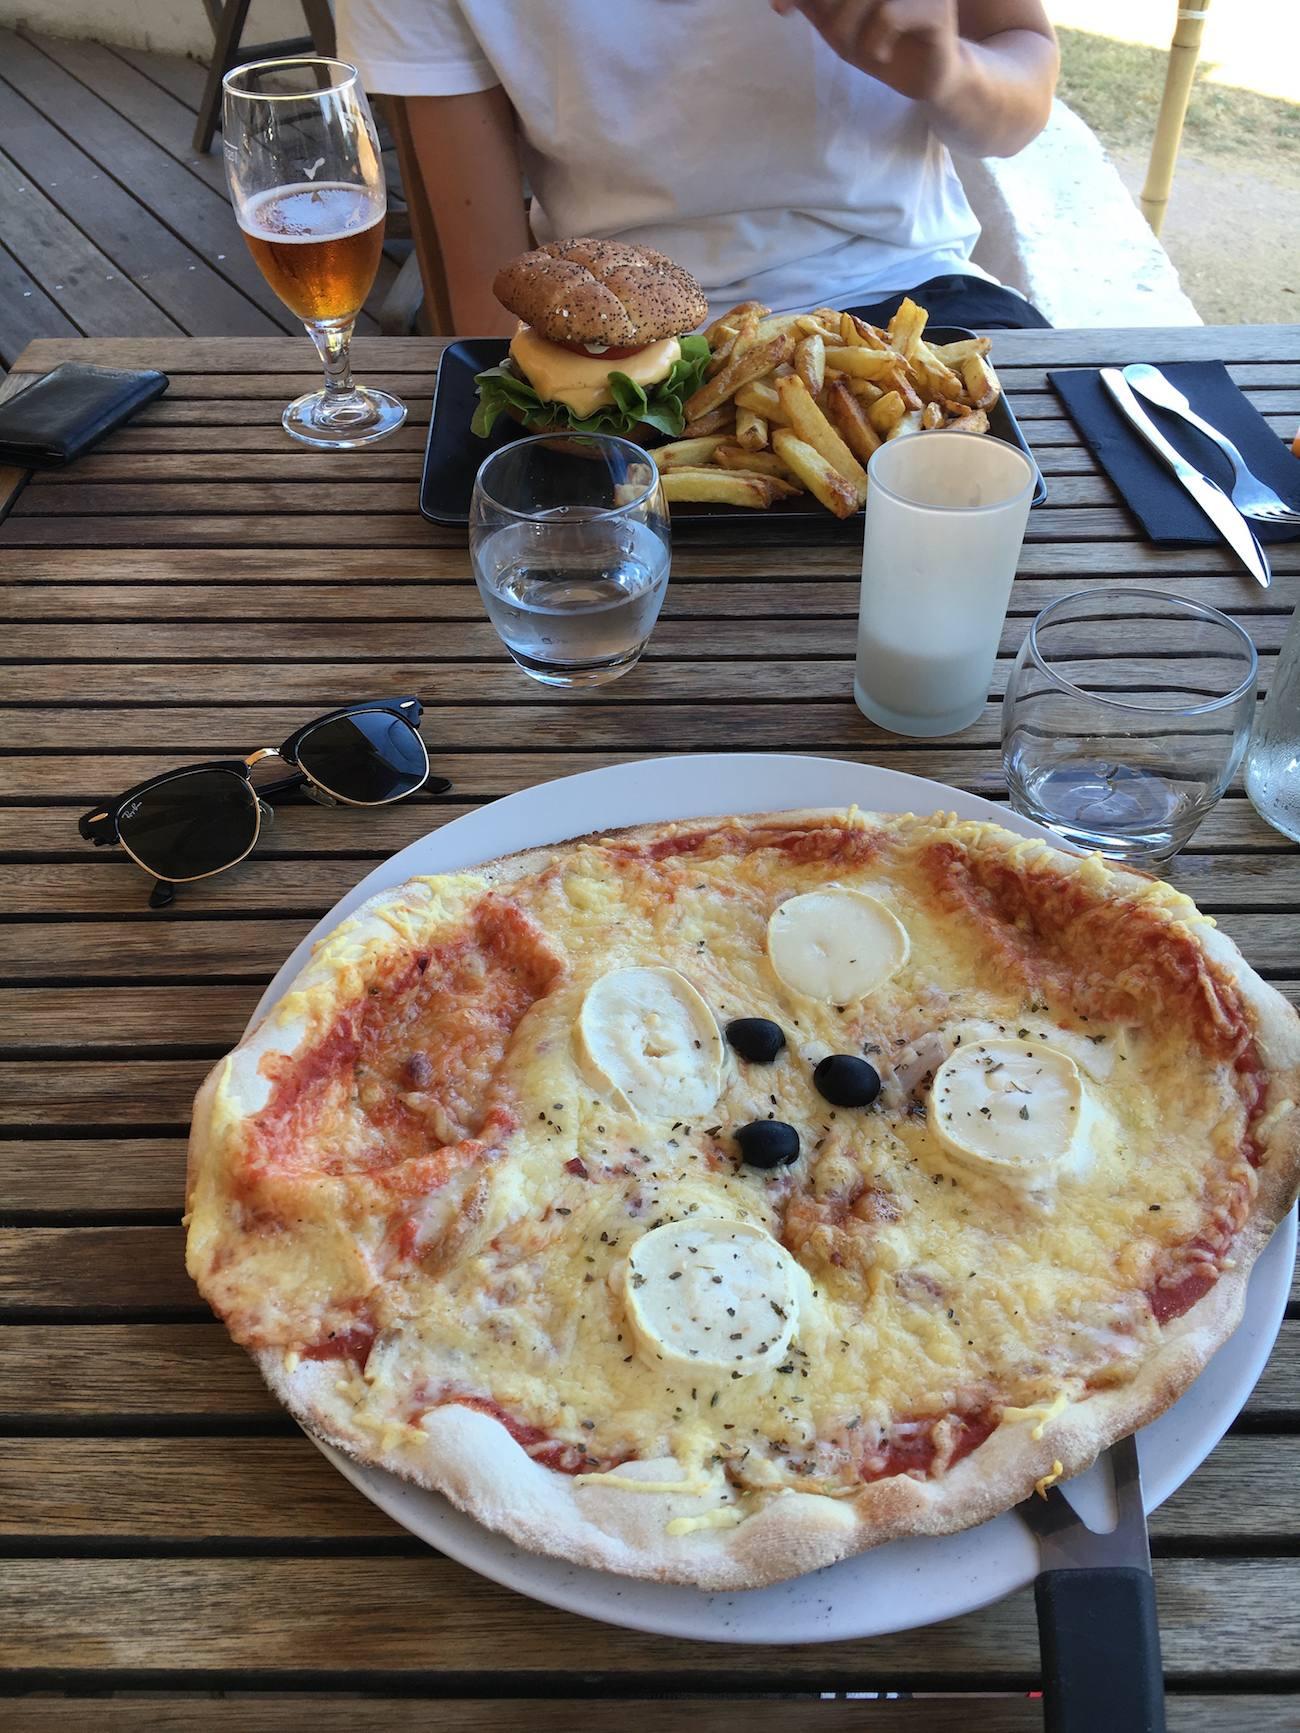 Corse - Road trip bonnes adresses - Blog Voyage nantes 11